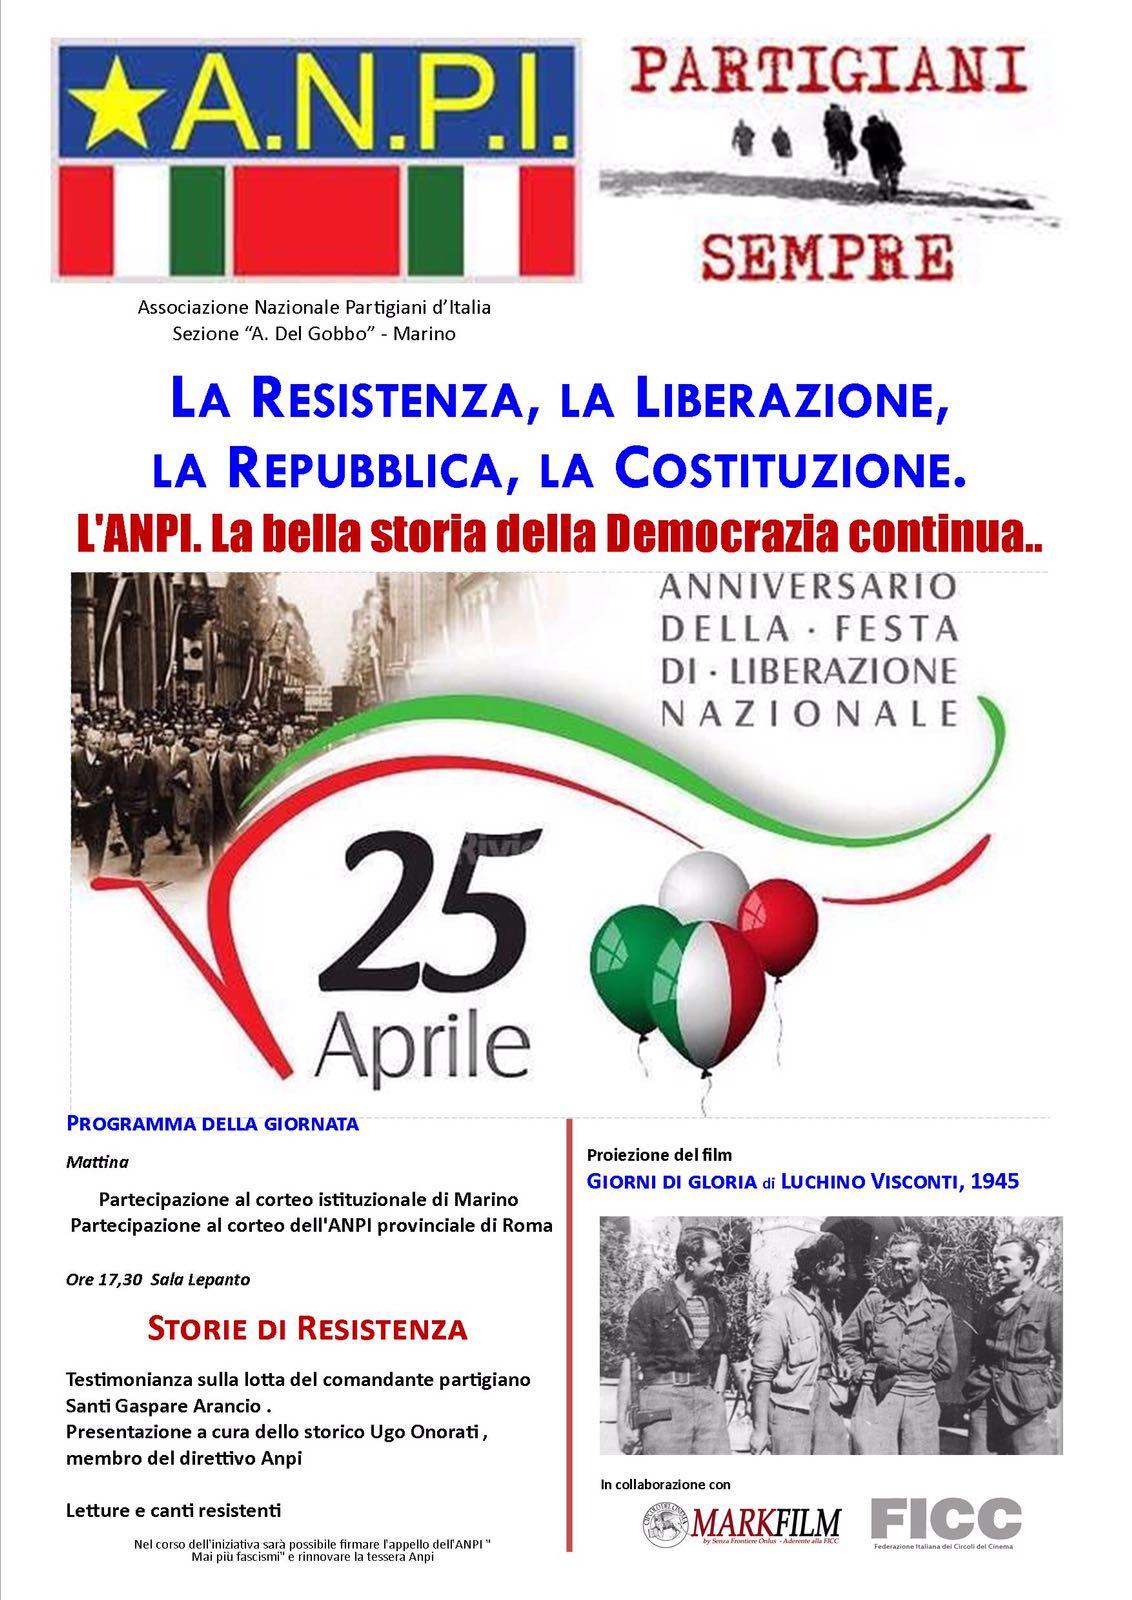 Marino, l'Api festeggia la liberazione con la testimonianza del comandante Arancio